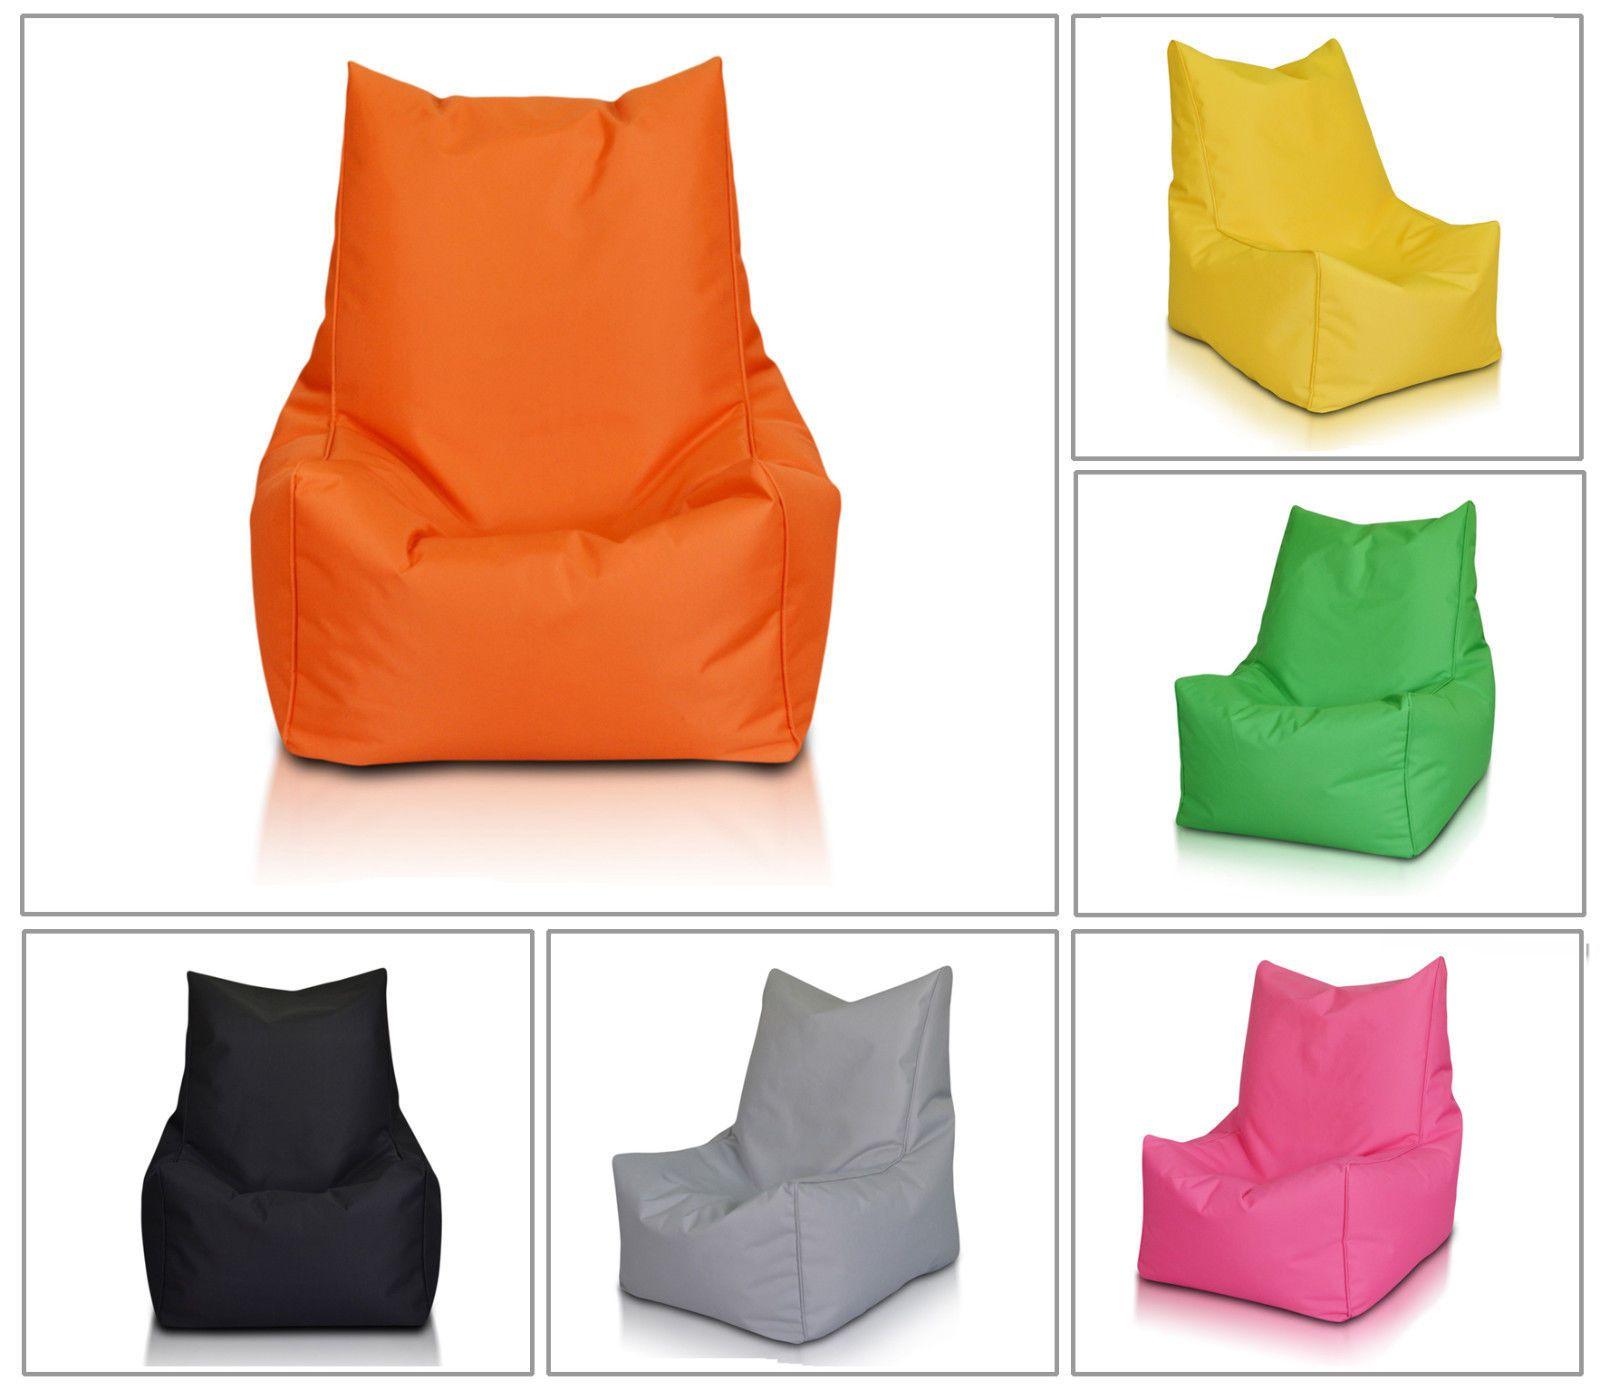 heute pr sentieren wir ihnen sitzsackh lle ohne f llung solid polyester super bezug f r. Black Bedroom Furniture Sets. Home Design Ideas